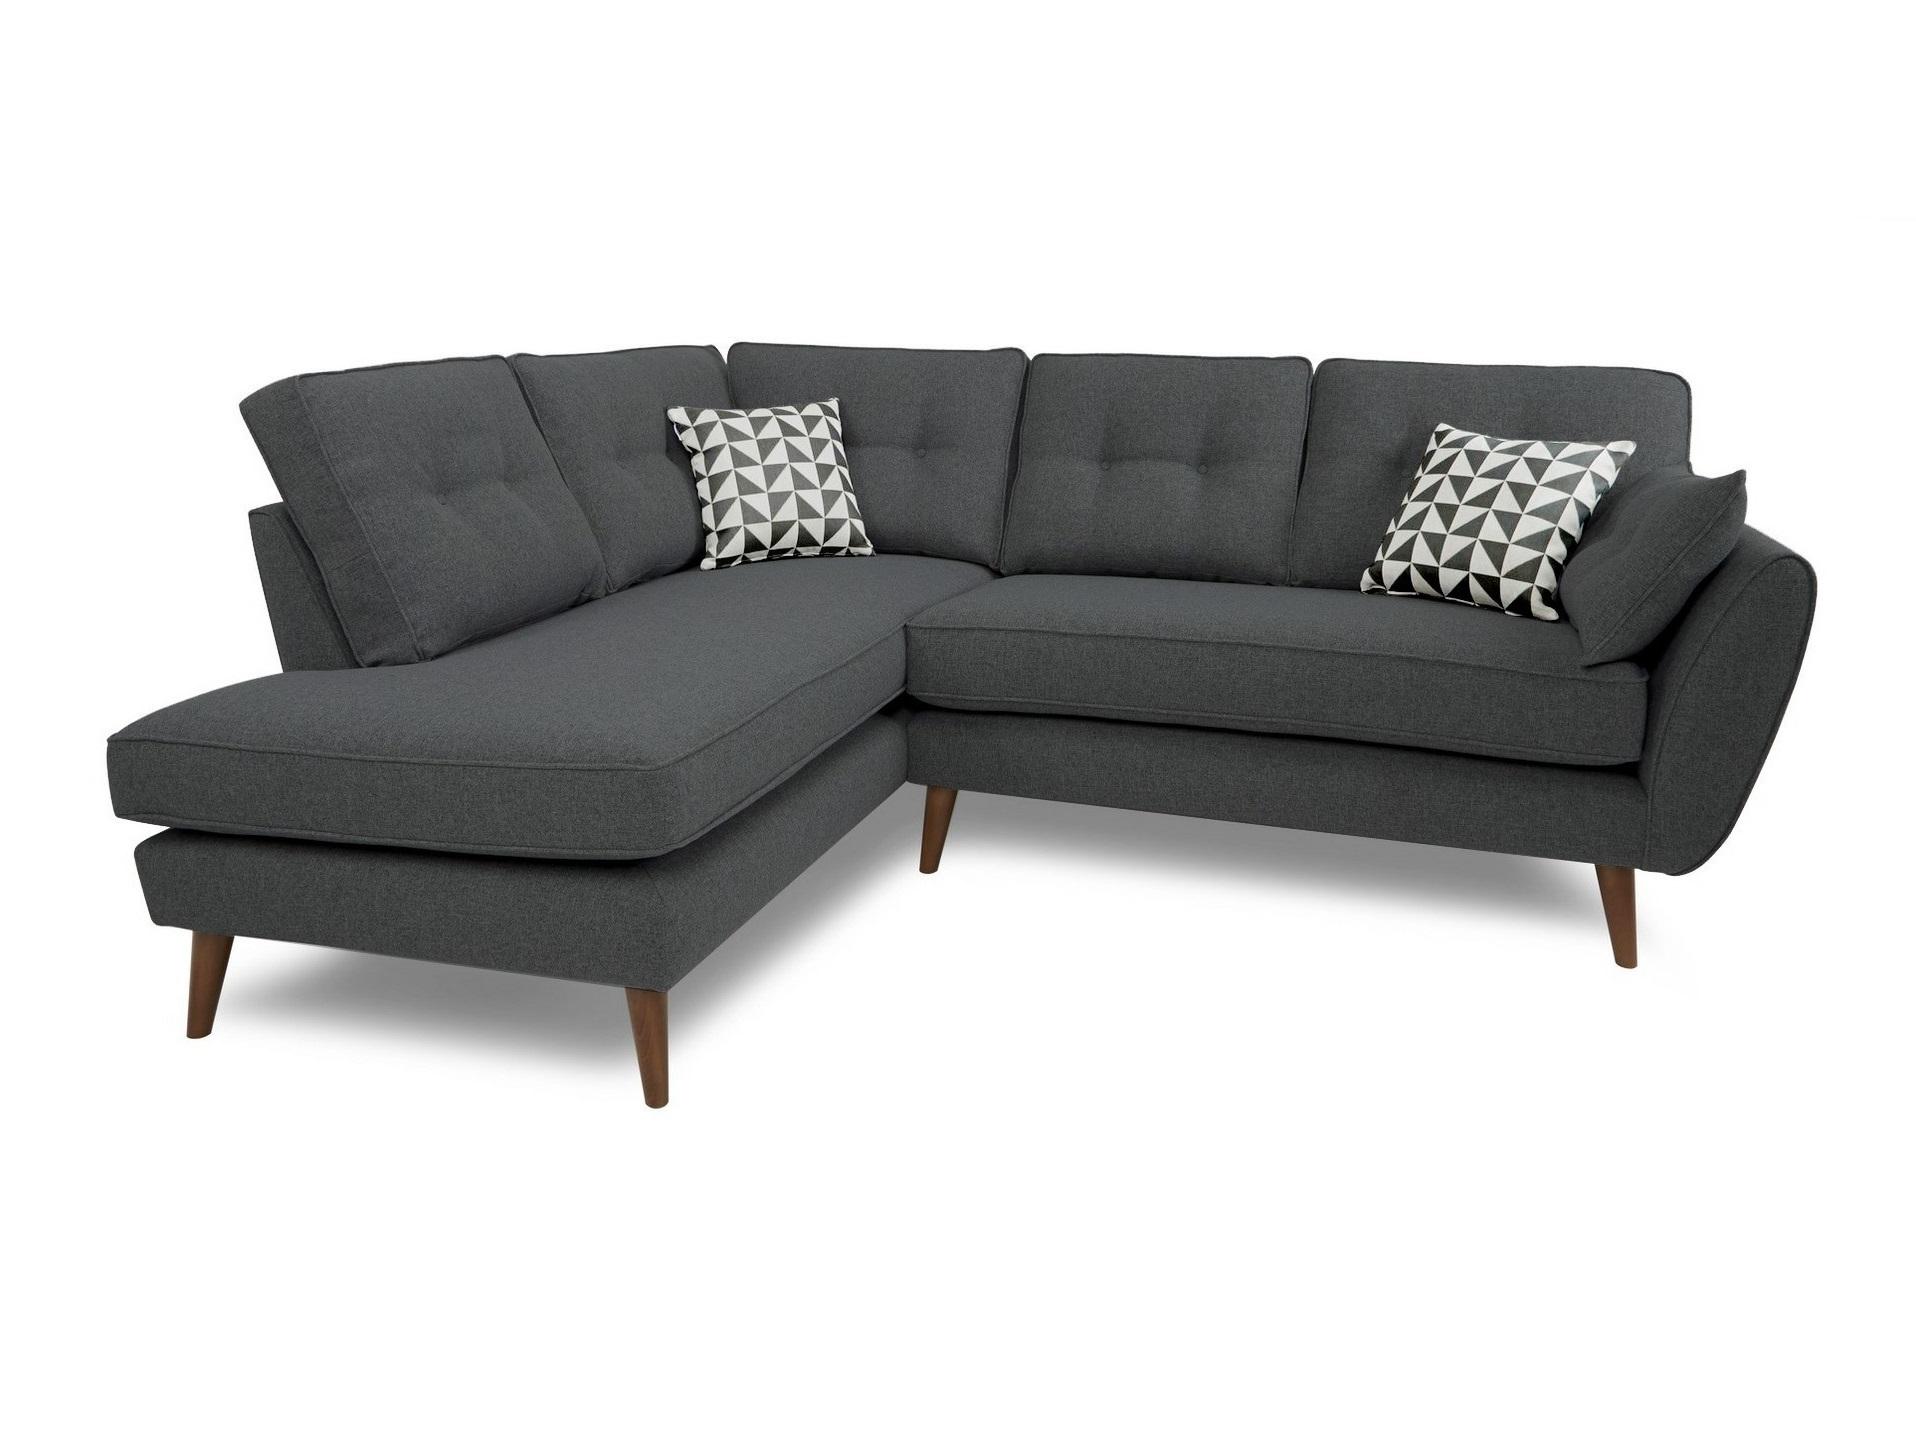 Угловой диван VogueУгловые диваны<br>Современный диван с легким намеком на &amp;quot;ретро&amp;quot; идеально подойдет для городских квартир. У него скругленные подлокотники, упругие подушки и как раз та длина, чтобы вы могли вытянуться в полный рост. &amp;amp;nbsp;Но благодаря высоким ножкам &amp;quot;Vogue&amp;quot; выглядит лаконично и элегантно.&amp;lt;div&amp;gt;&amp;lt;br&amp;gt;&amp;lt;/div&amp;gt;&amp;lt;div&amp;gt;Корпус: фанера, брус&amp;lt;div&amp;gt;Ткань 100% полиэстер, 30-50 000 циклов&amp;lt;/div&amp;gt;&amp;lt;div&amp;gt;Ширина сторон: 227х182 см&amp;lt;/div&amp;gt;&amp;lt;div&amp;gt;Ножки (Дерево)&amp;lt;/div&amp;gt;&amp;lt;div&amp;gt;&amp;lt;span style=&amp;quot;font-weight: 700;&amp;quot;&amp;gt;При заказе уточняйте сторону угла (левый или правый)!&amp;lt;/span&amp;gt;&amp;lt;/div&amp;gt;&amp;lt;div&amp;gt;Еcть возможность изготовления в другом материале обивки&amp;lt;/div&amp;gt;&amp;lt;/div&amp;gt;<br><br>Material: Текстиль<br>Ширина см: 227.0<br>Высота см: 88.0<br>Глубина см: 91.0